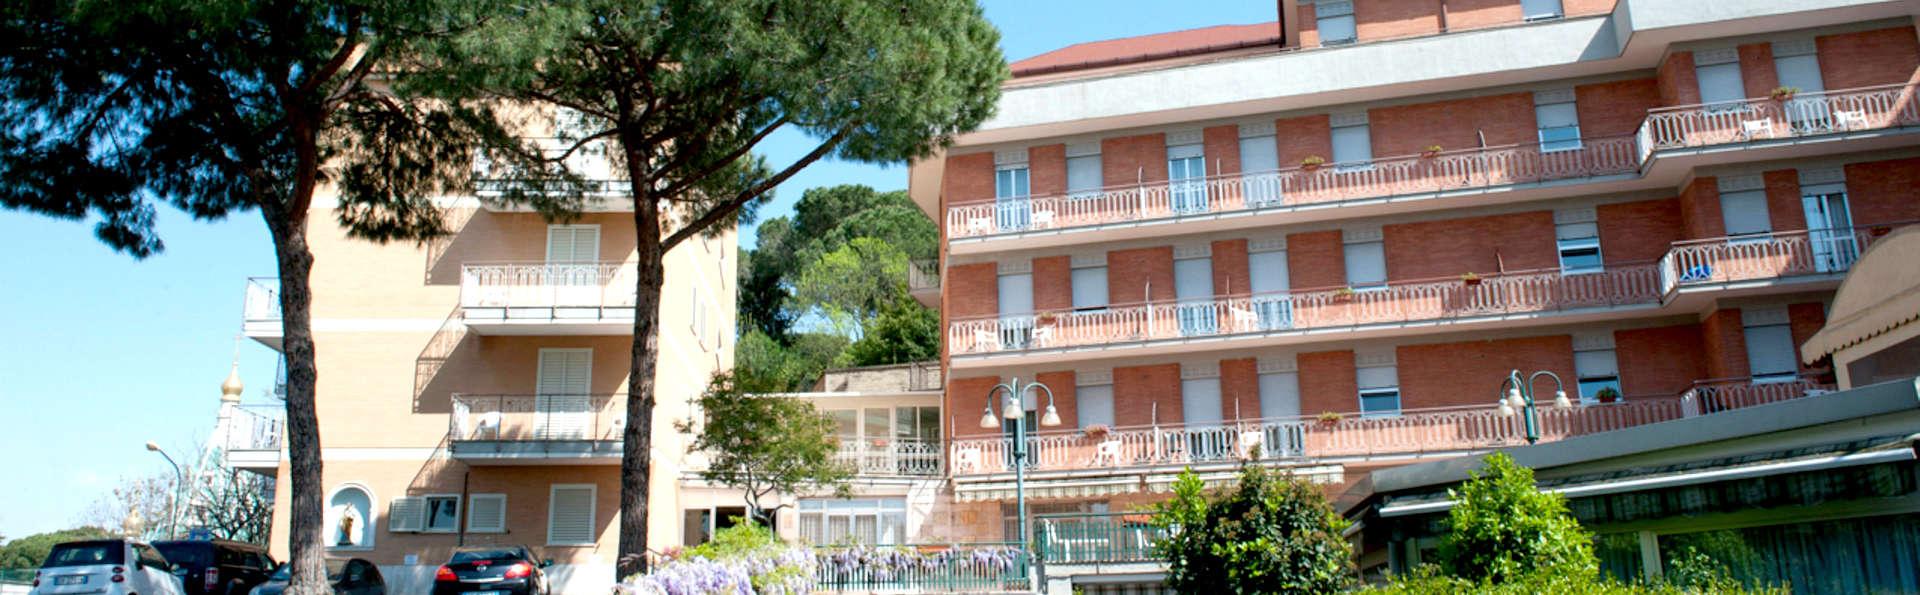 Hotel Casa Tra Noi - Edit_Frotn.jpg